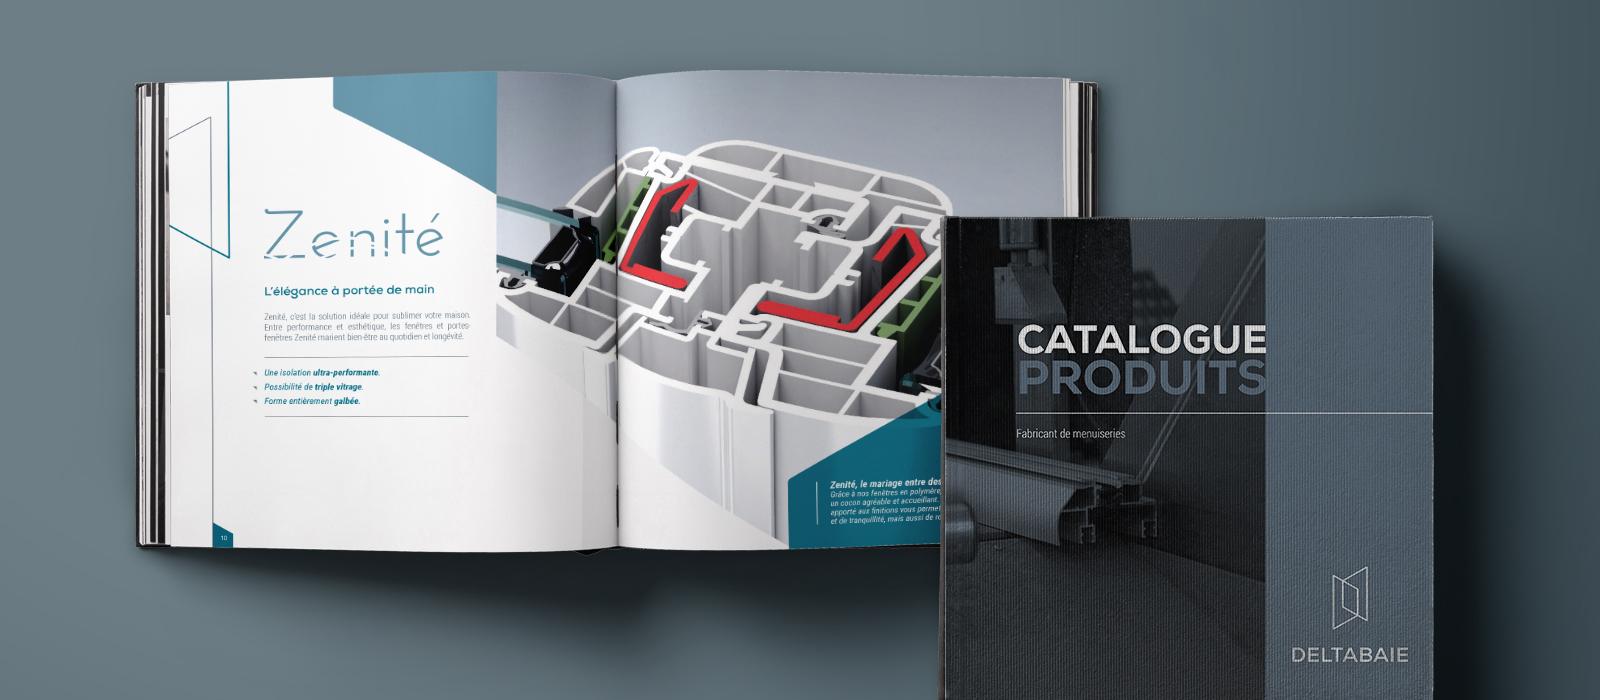 Catalogue produits Deltabaie